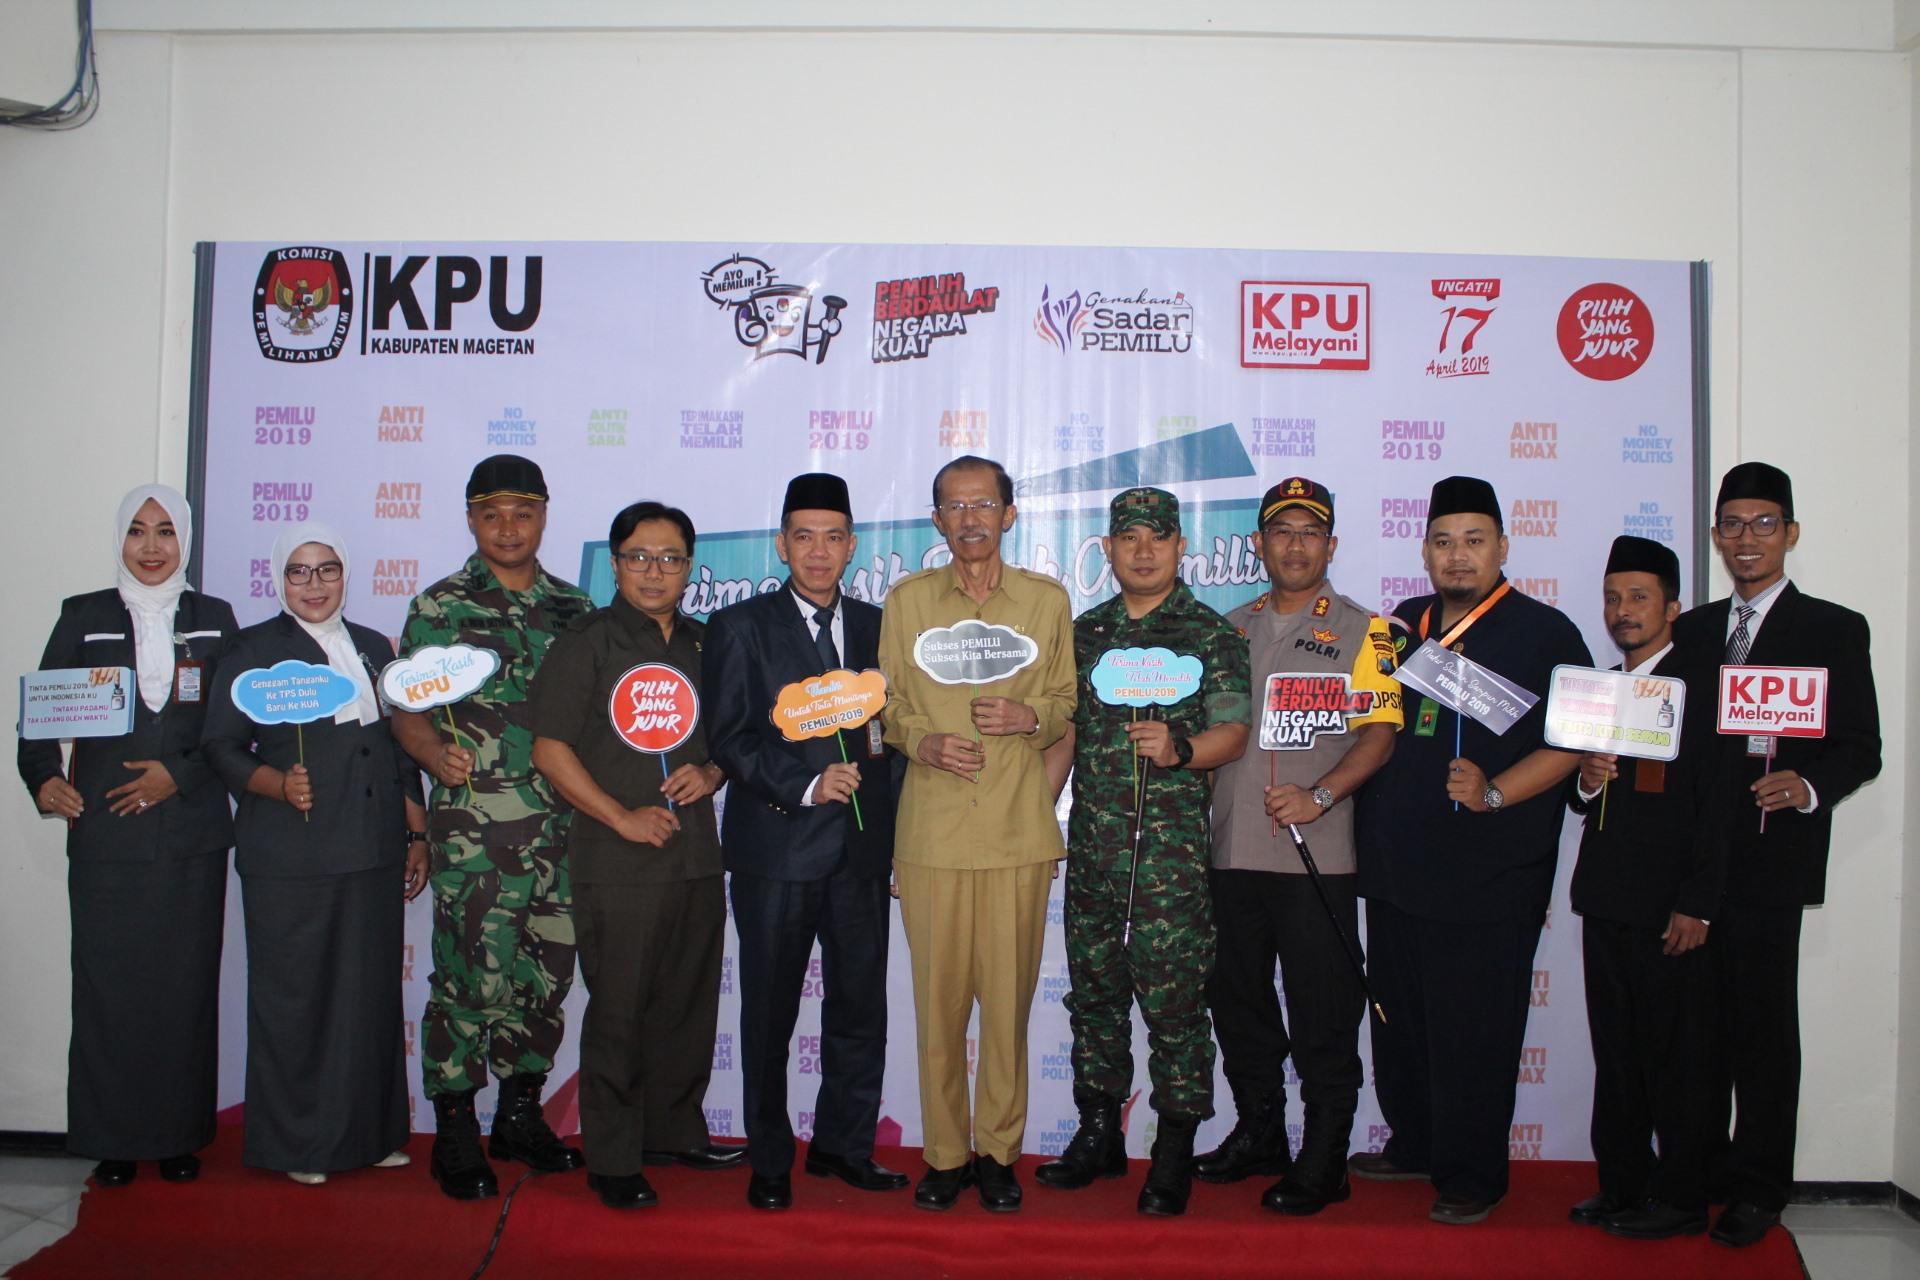 Foto bersama Bupati, KPU, TNI, POLRI dalam Acara Terimakasih Telah Memilih